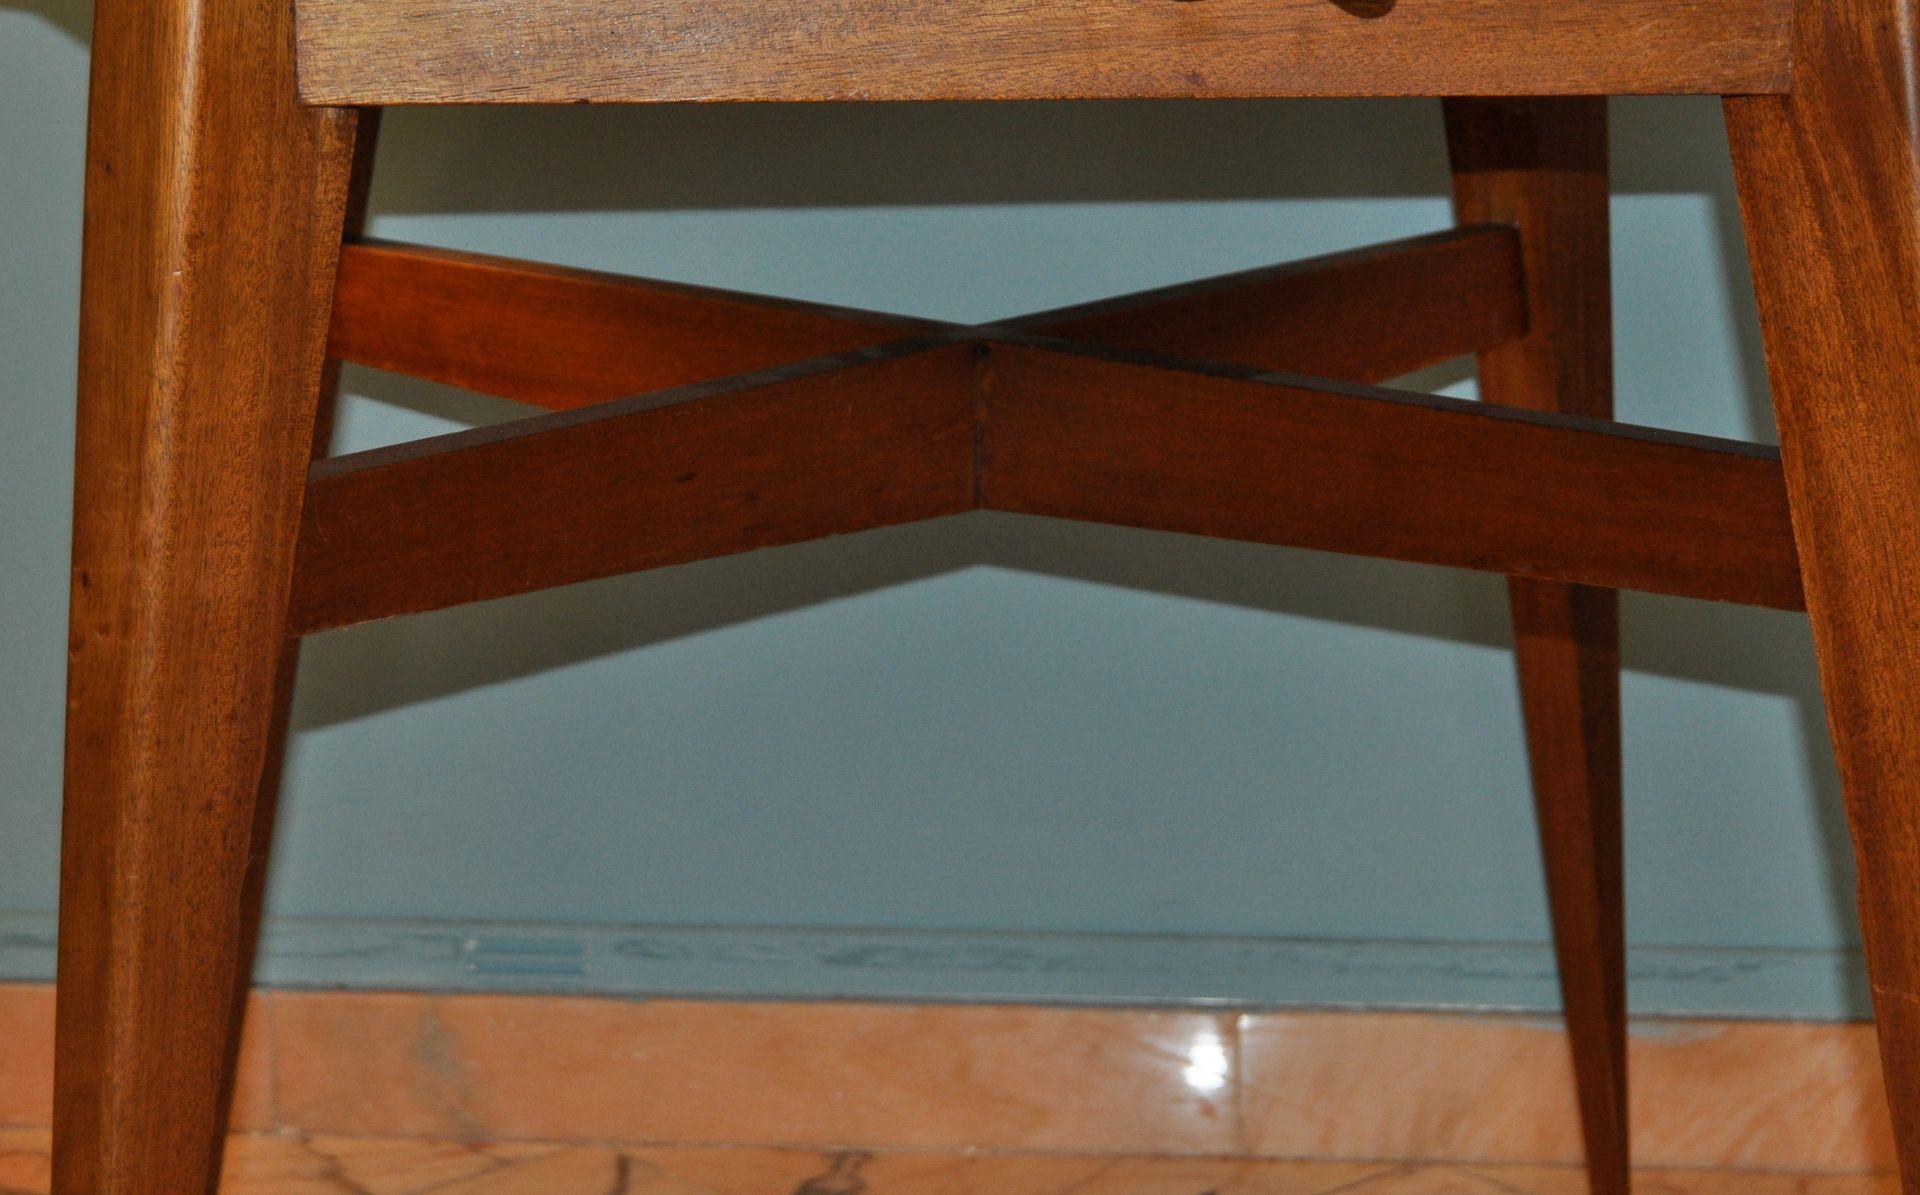 Table de salle manger rallonge par roger landault for Salle a manger 1950